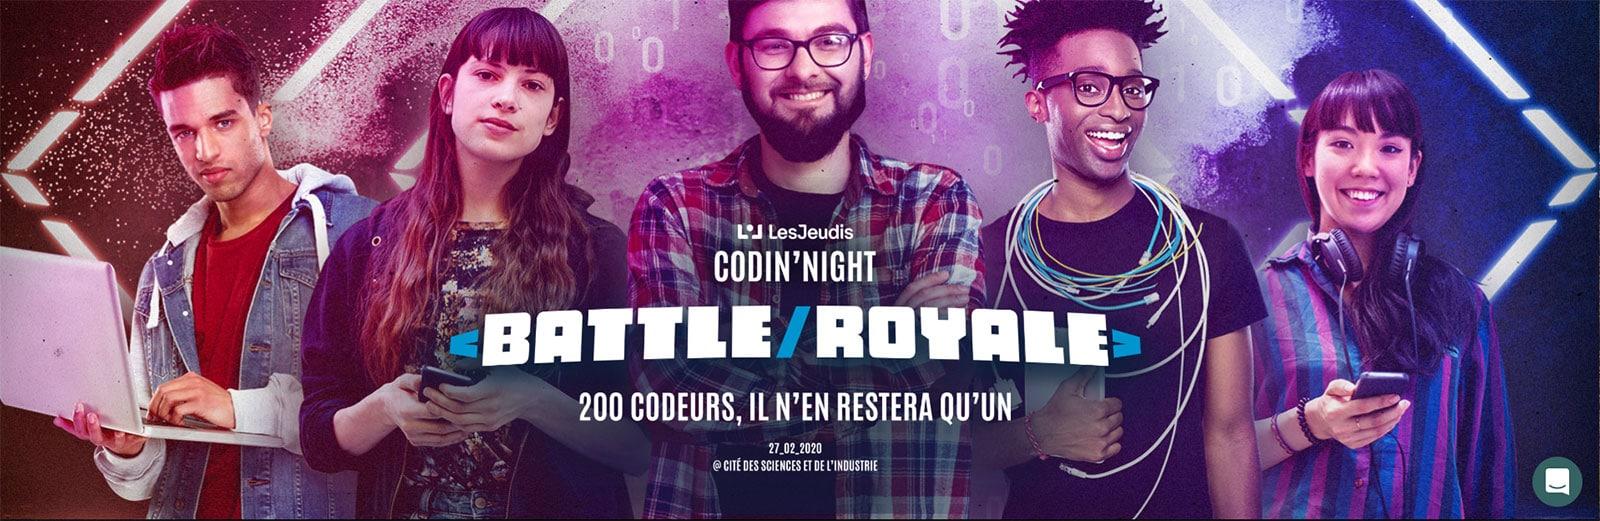 l'événement informatique La Codin' Night